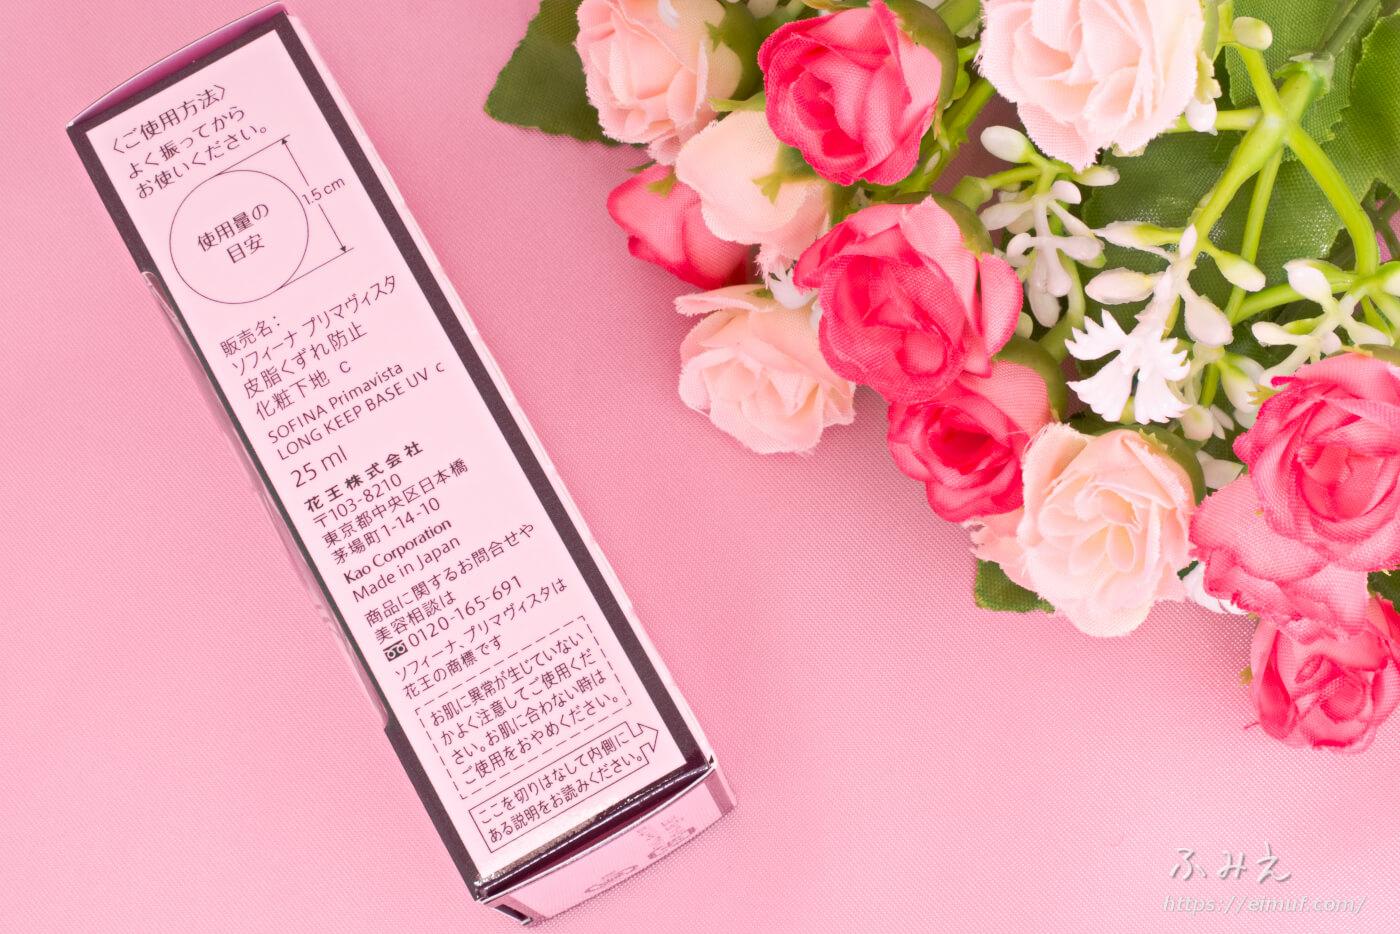 2018年に改良されたソフィーナ プリマヴィスタ 皮脂くずれ防止化粧下地(新製品)パッケージ側面